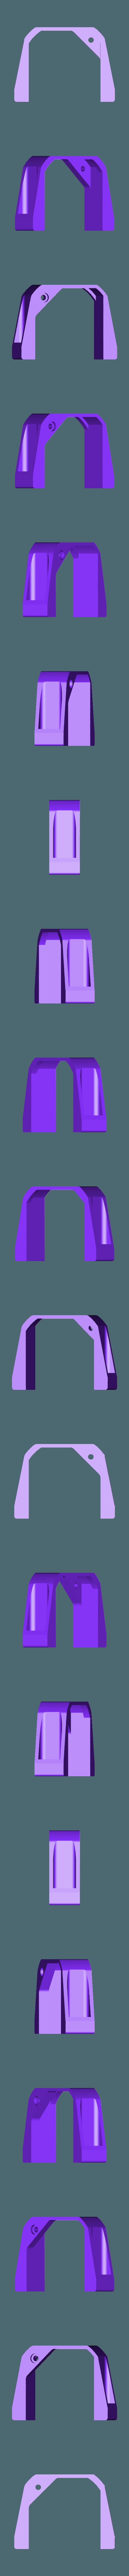 E3D_Mount_v4-2_MOTOR_MOUNT.STL Télécharger fichier STL gratuit Montage de l'extrudeuse à réservoir (RigidBot, E3Dv6, Printrbot Gear Head) • Plan imprimable en 3D, WalterHsiao